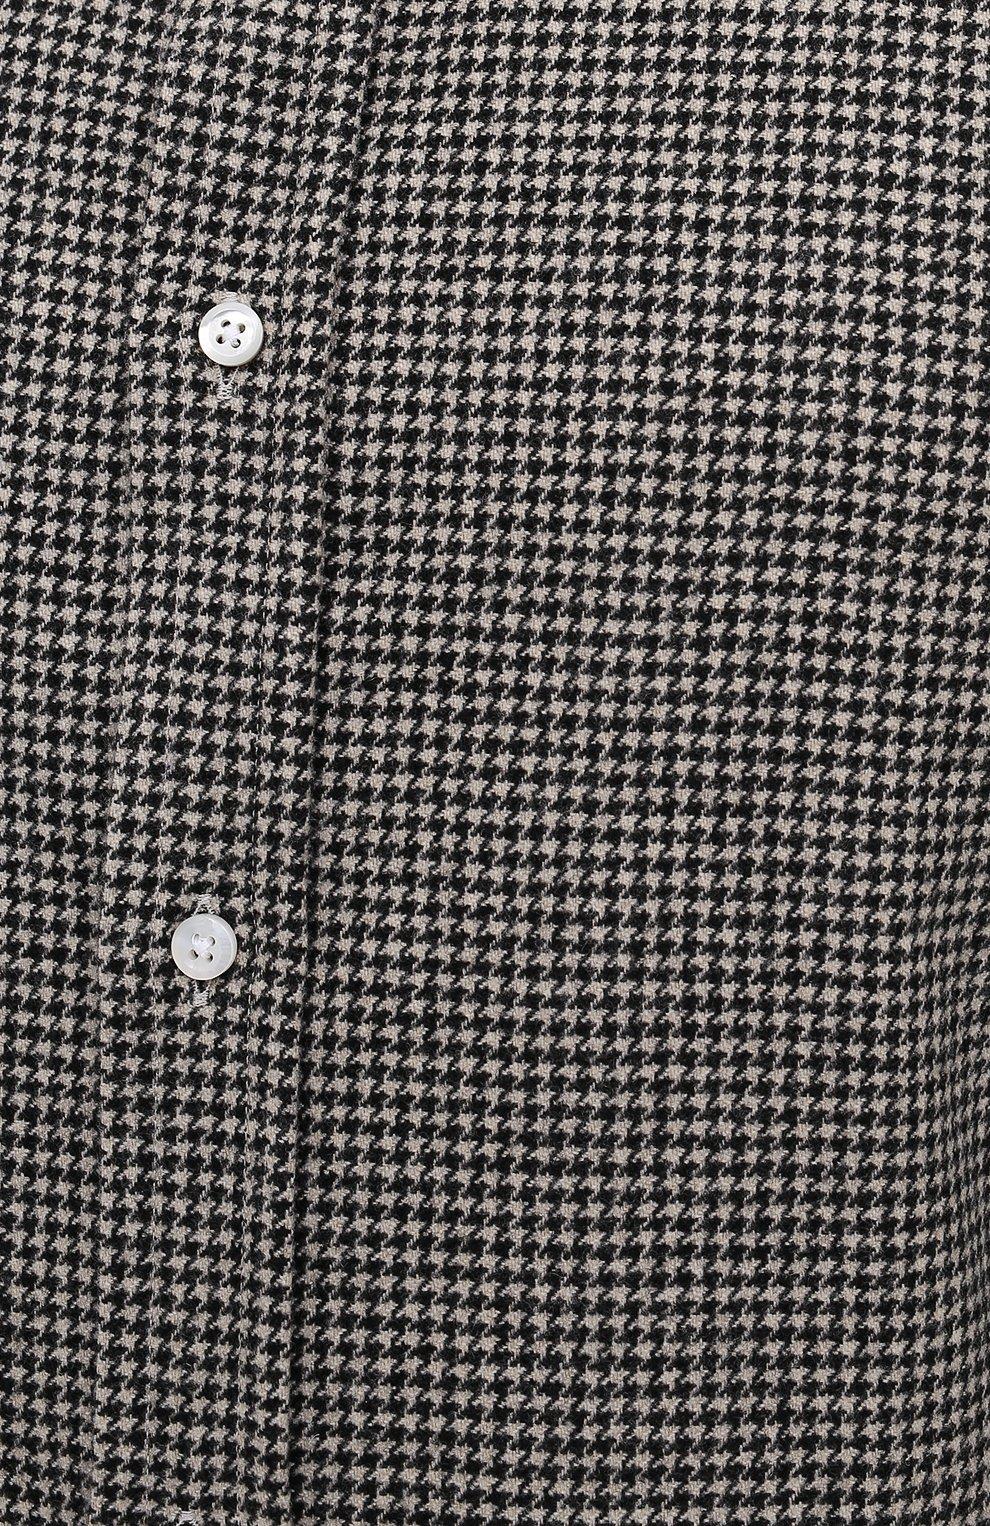 Мужская шерстяная рубашка RALPH LAUREN черно-белого цвета, арт. 791820124   Фото 5 (Манжеты: На пуговицах; Материал внешний: Шерсть; Рукава: Длинные; Воротник: Акула; Случай: Повседневный; Длина (для топов): Стандартные; Принт: С принтом; Мужское Кросс-КТ: Рубашка-одежда; Стили: Кэжуэл)